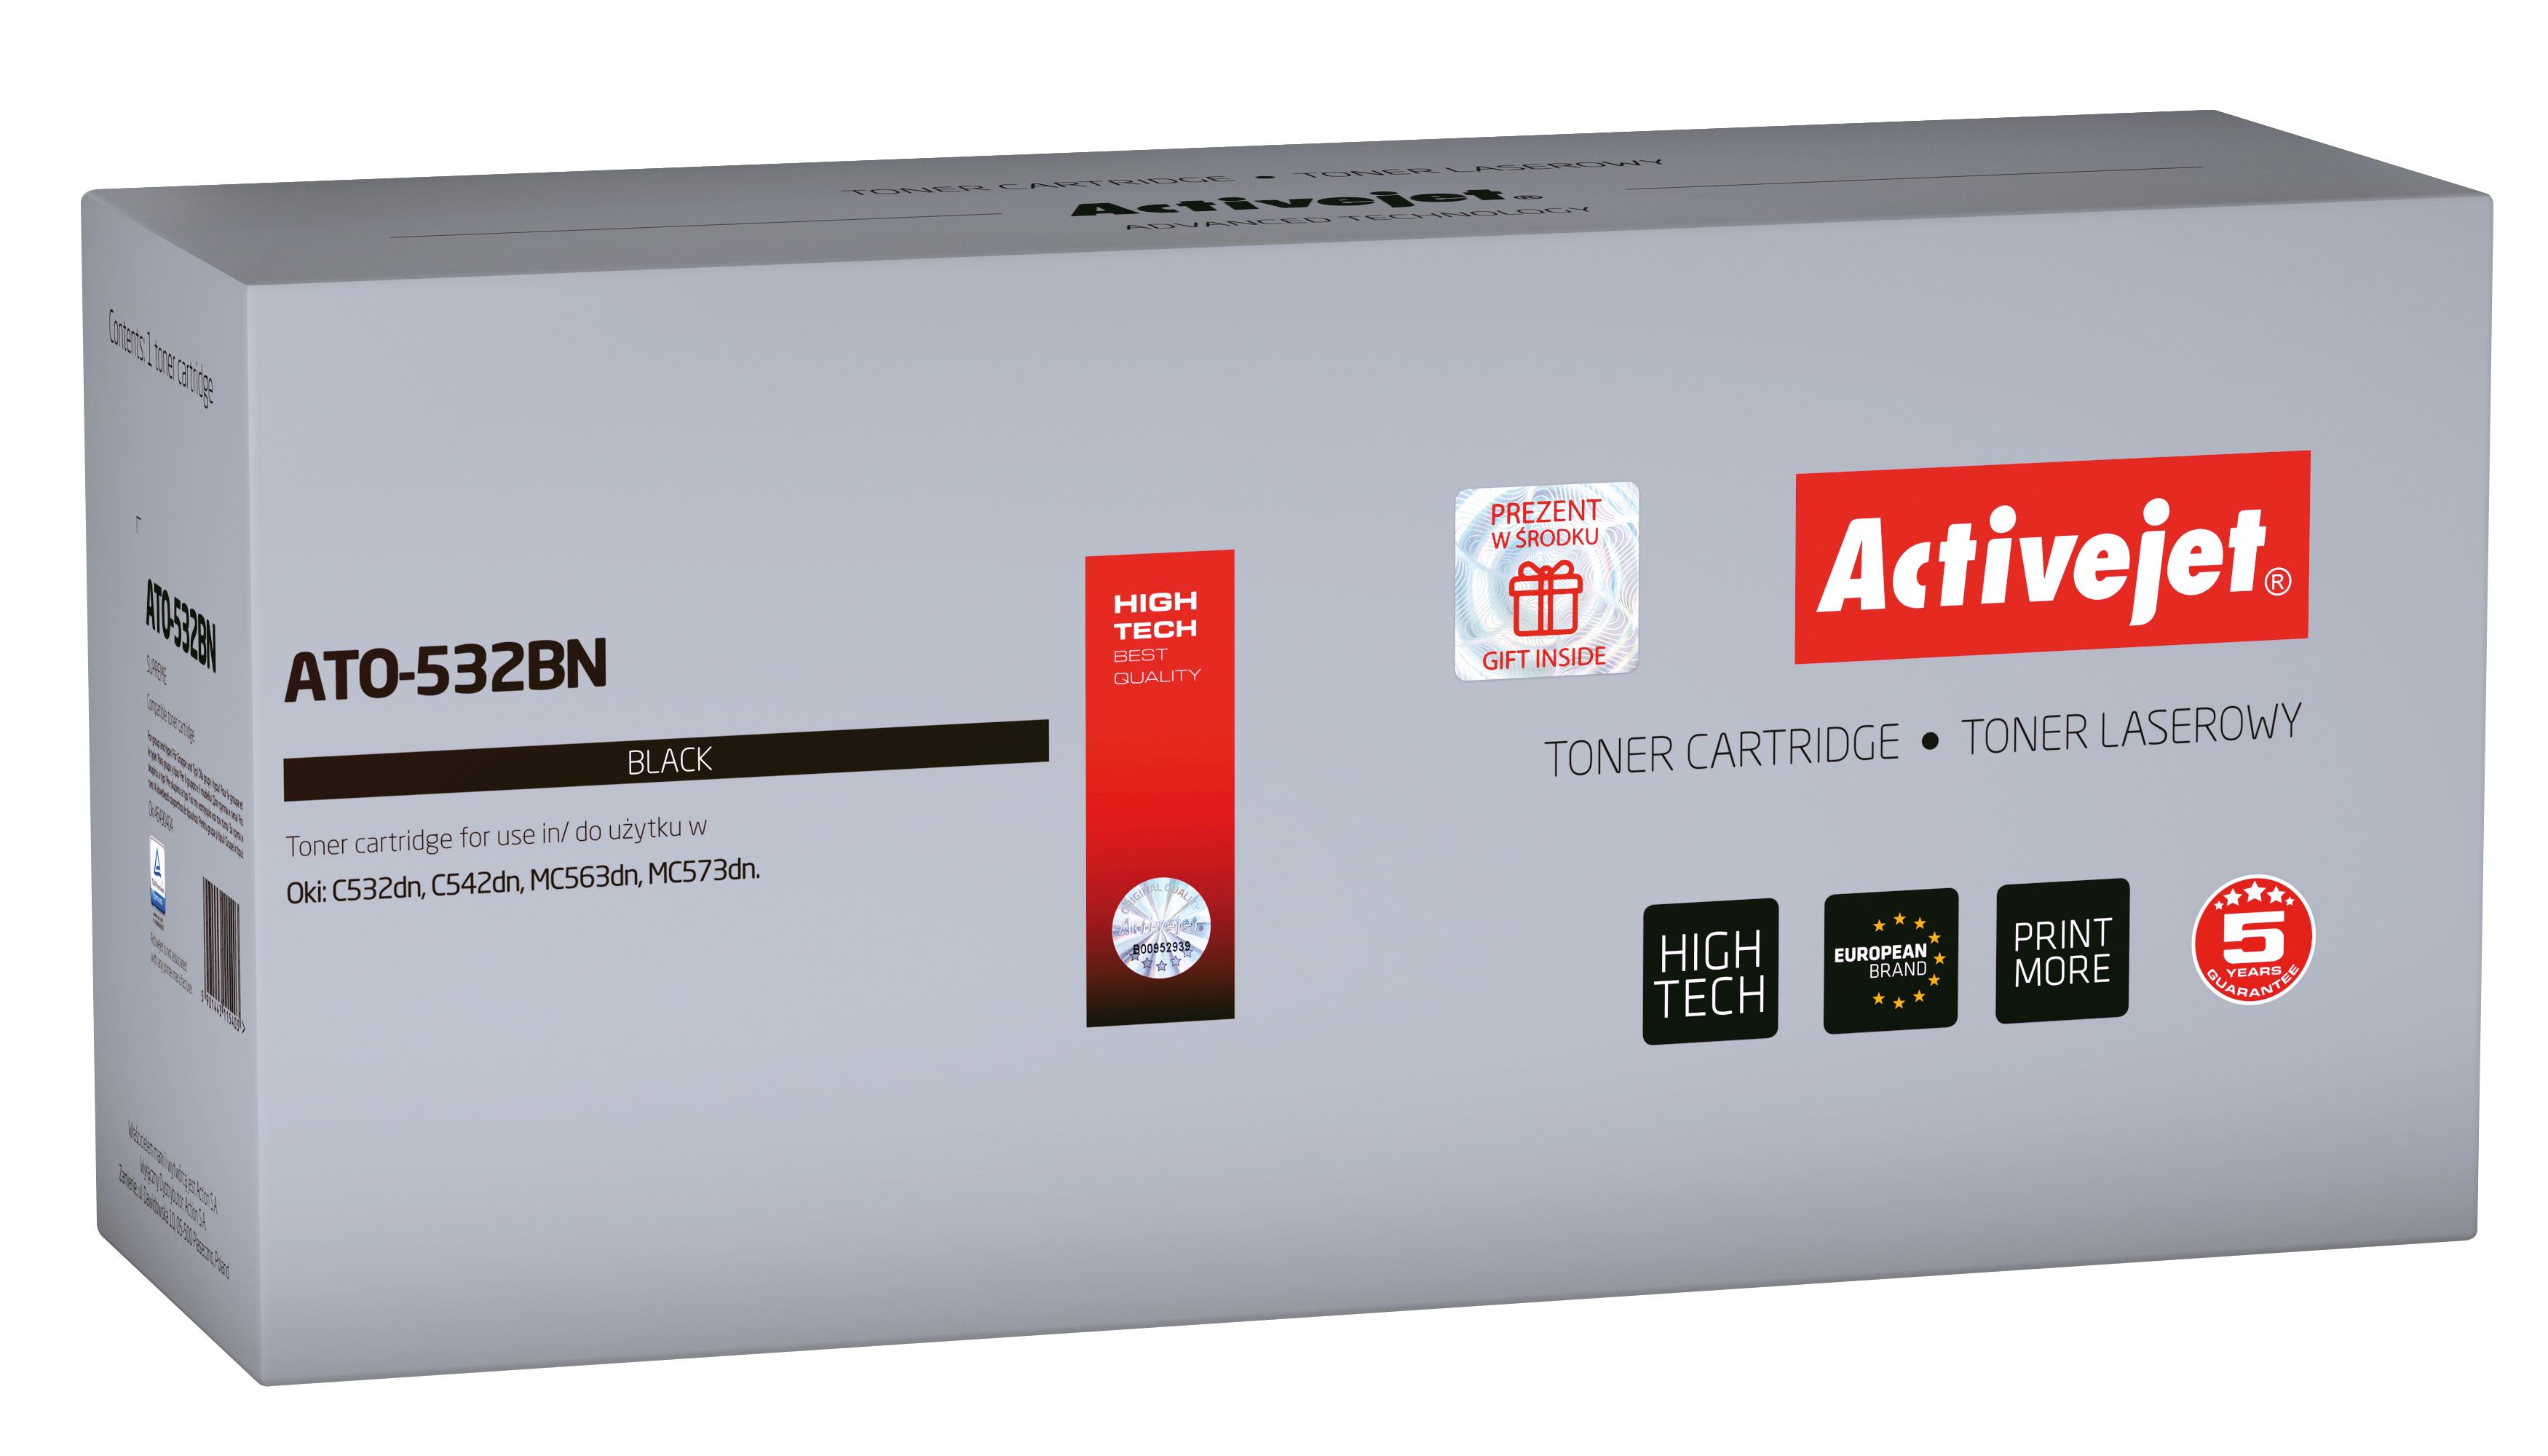 Toner Activejet  ATO-532BN do drukarki OKI, Zamiennik OKI 46490404; Supreme; 1500 stron; Czarny.